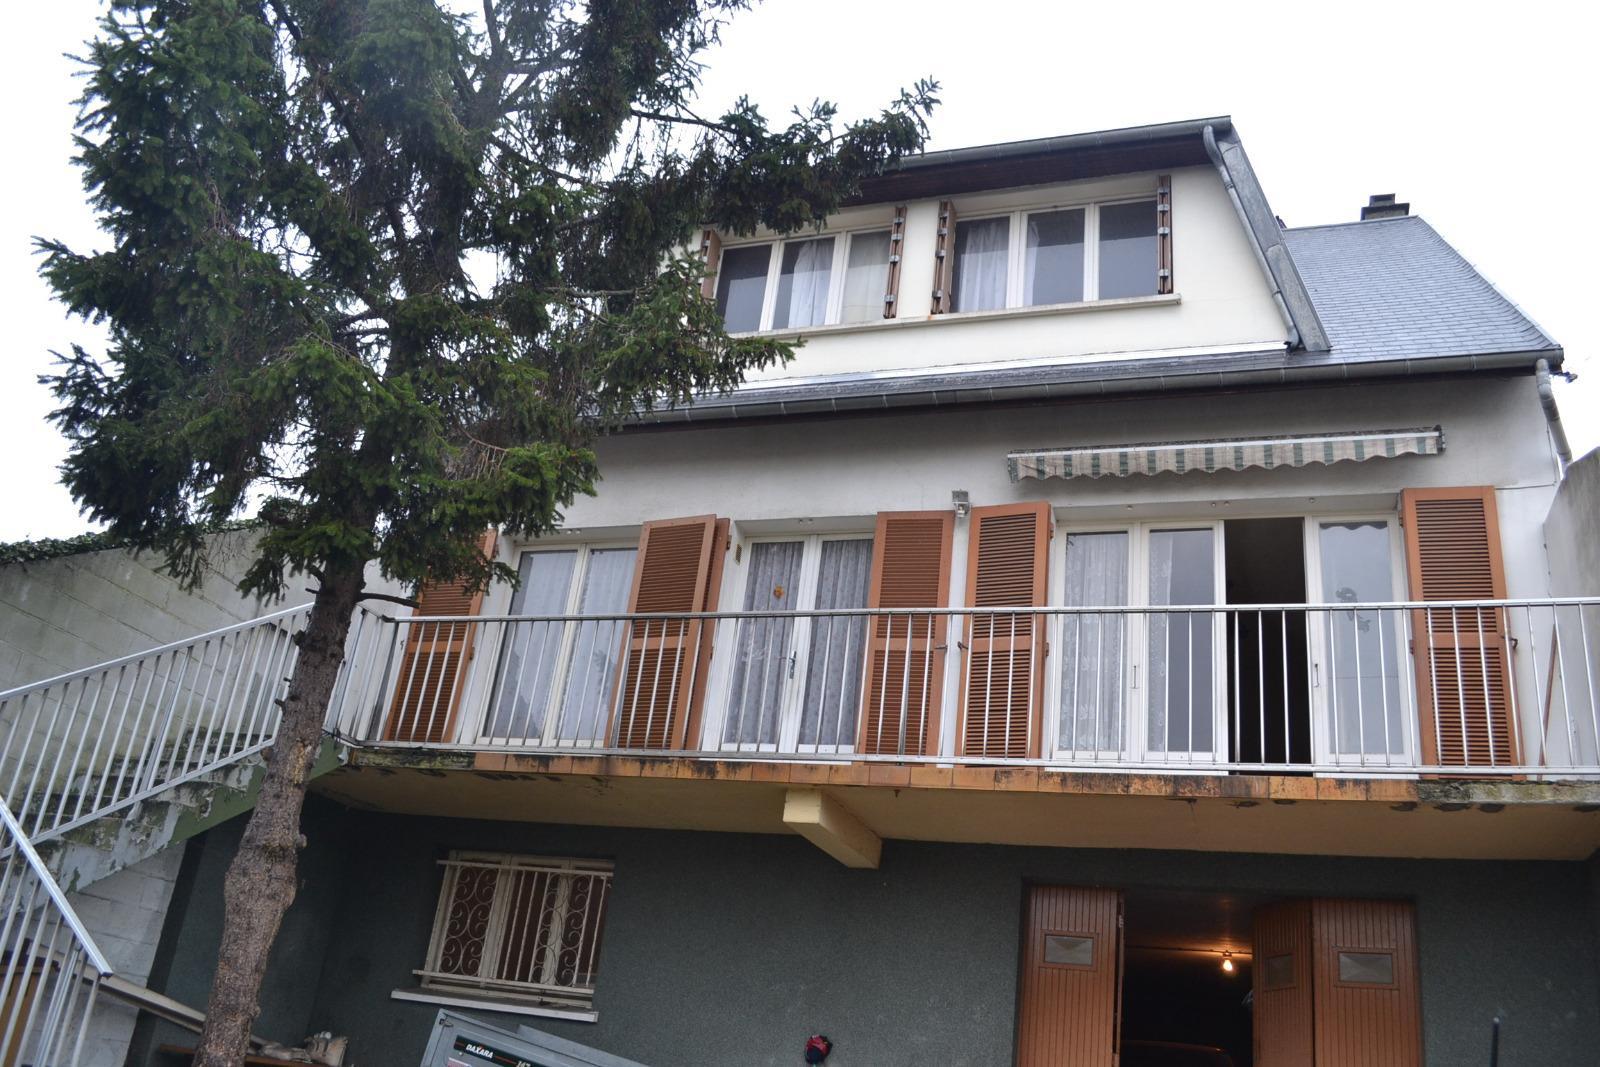 Siamo immobilier achat vente et gestion l 39 immobilier for Achat maison vincennes